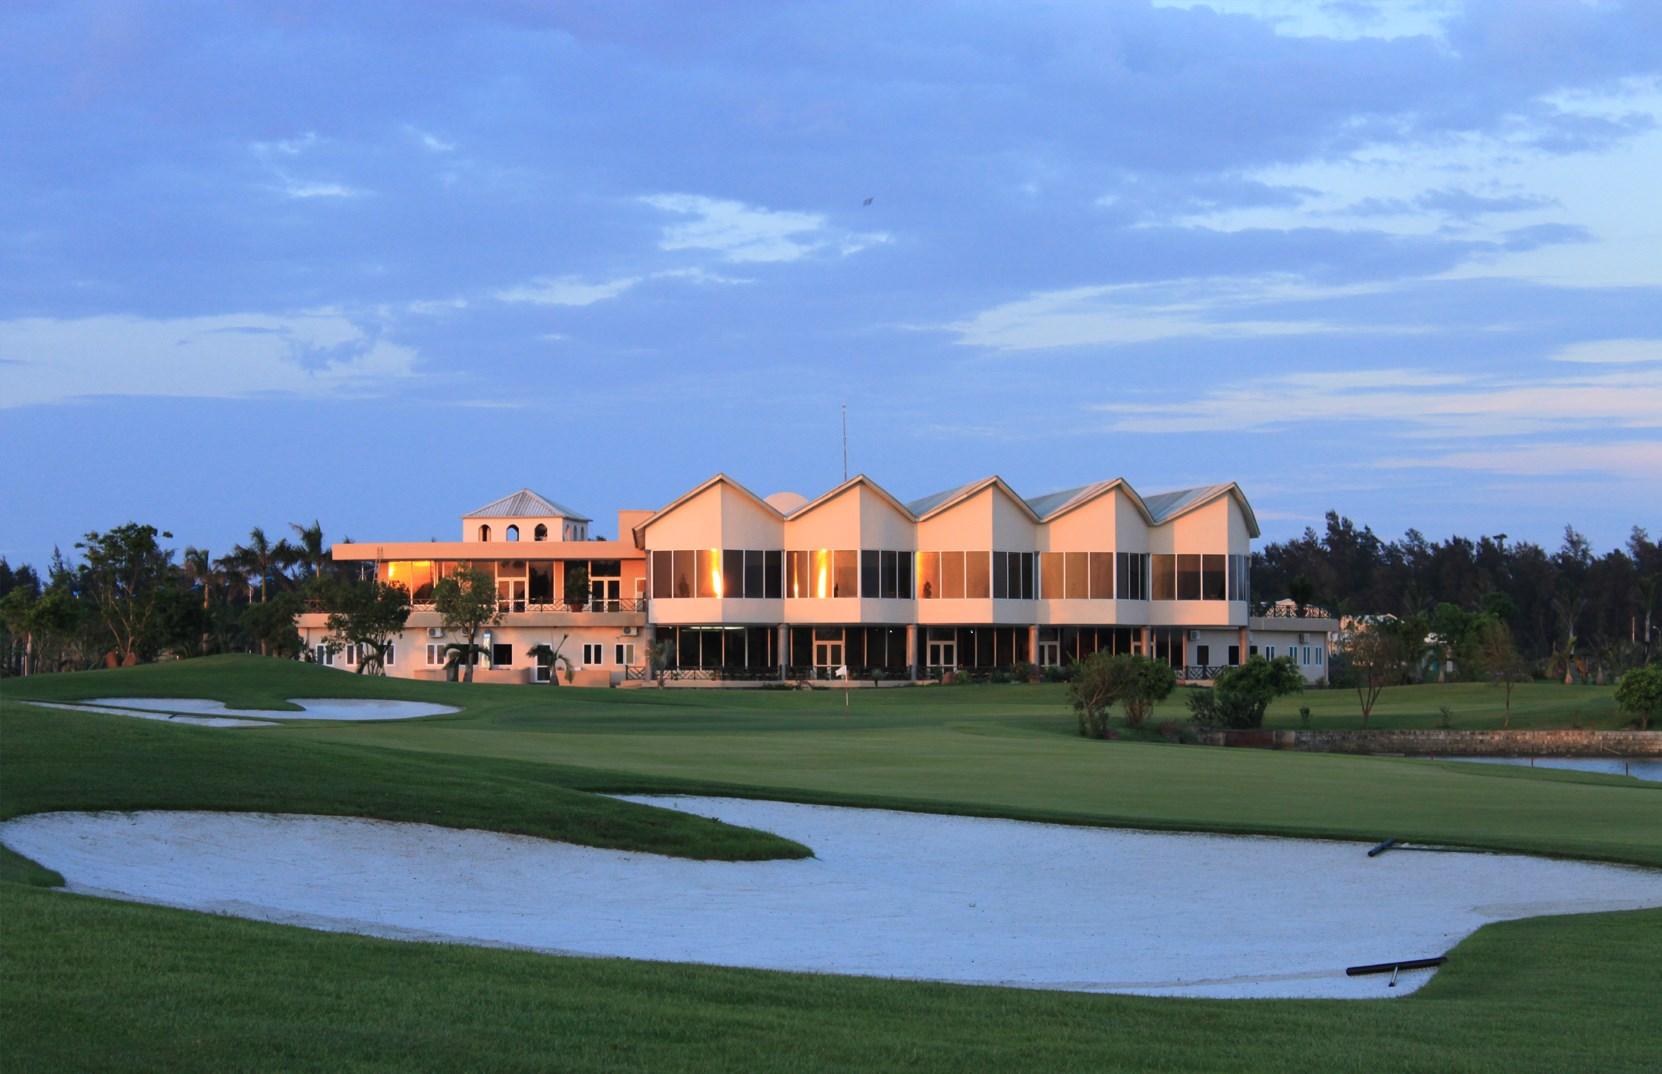 Cửa Lò Golf Resort một điểm đến lý tưởng cho Golfer